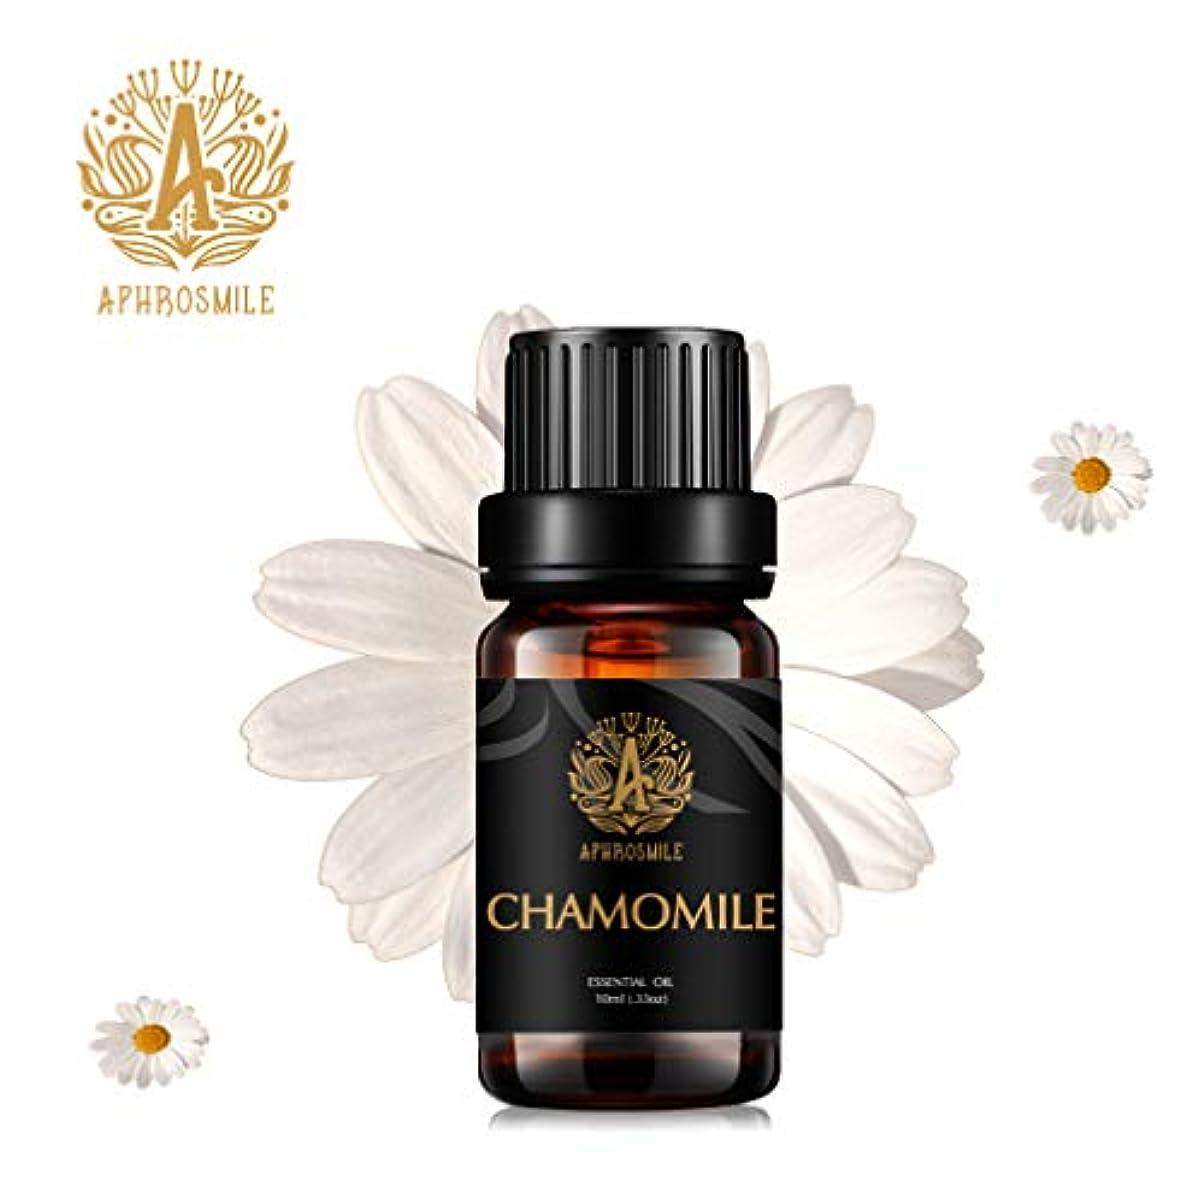 重要性報酬唇カモミールエッセンシャルオイル、100%純粋なアロマセラピーエッセンシャルオイルカモミールの香り、不安を和らげます、治療上の等級の精油のカモミールの芳香のために拡散器、マッサージ、加湿器、毎日の心配、0.33オンス-10ml